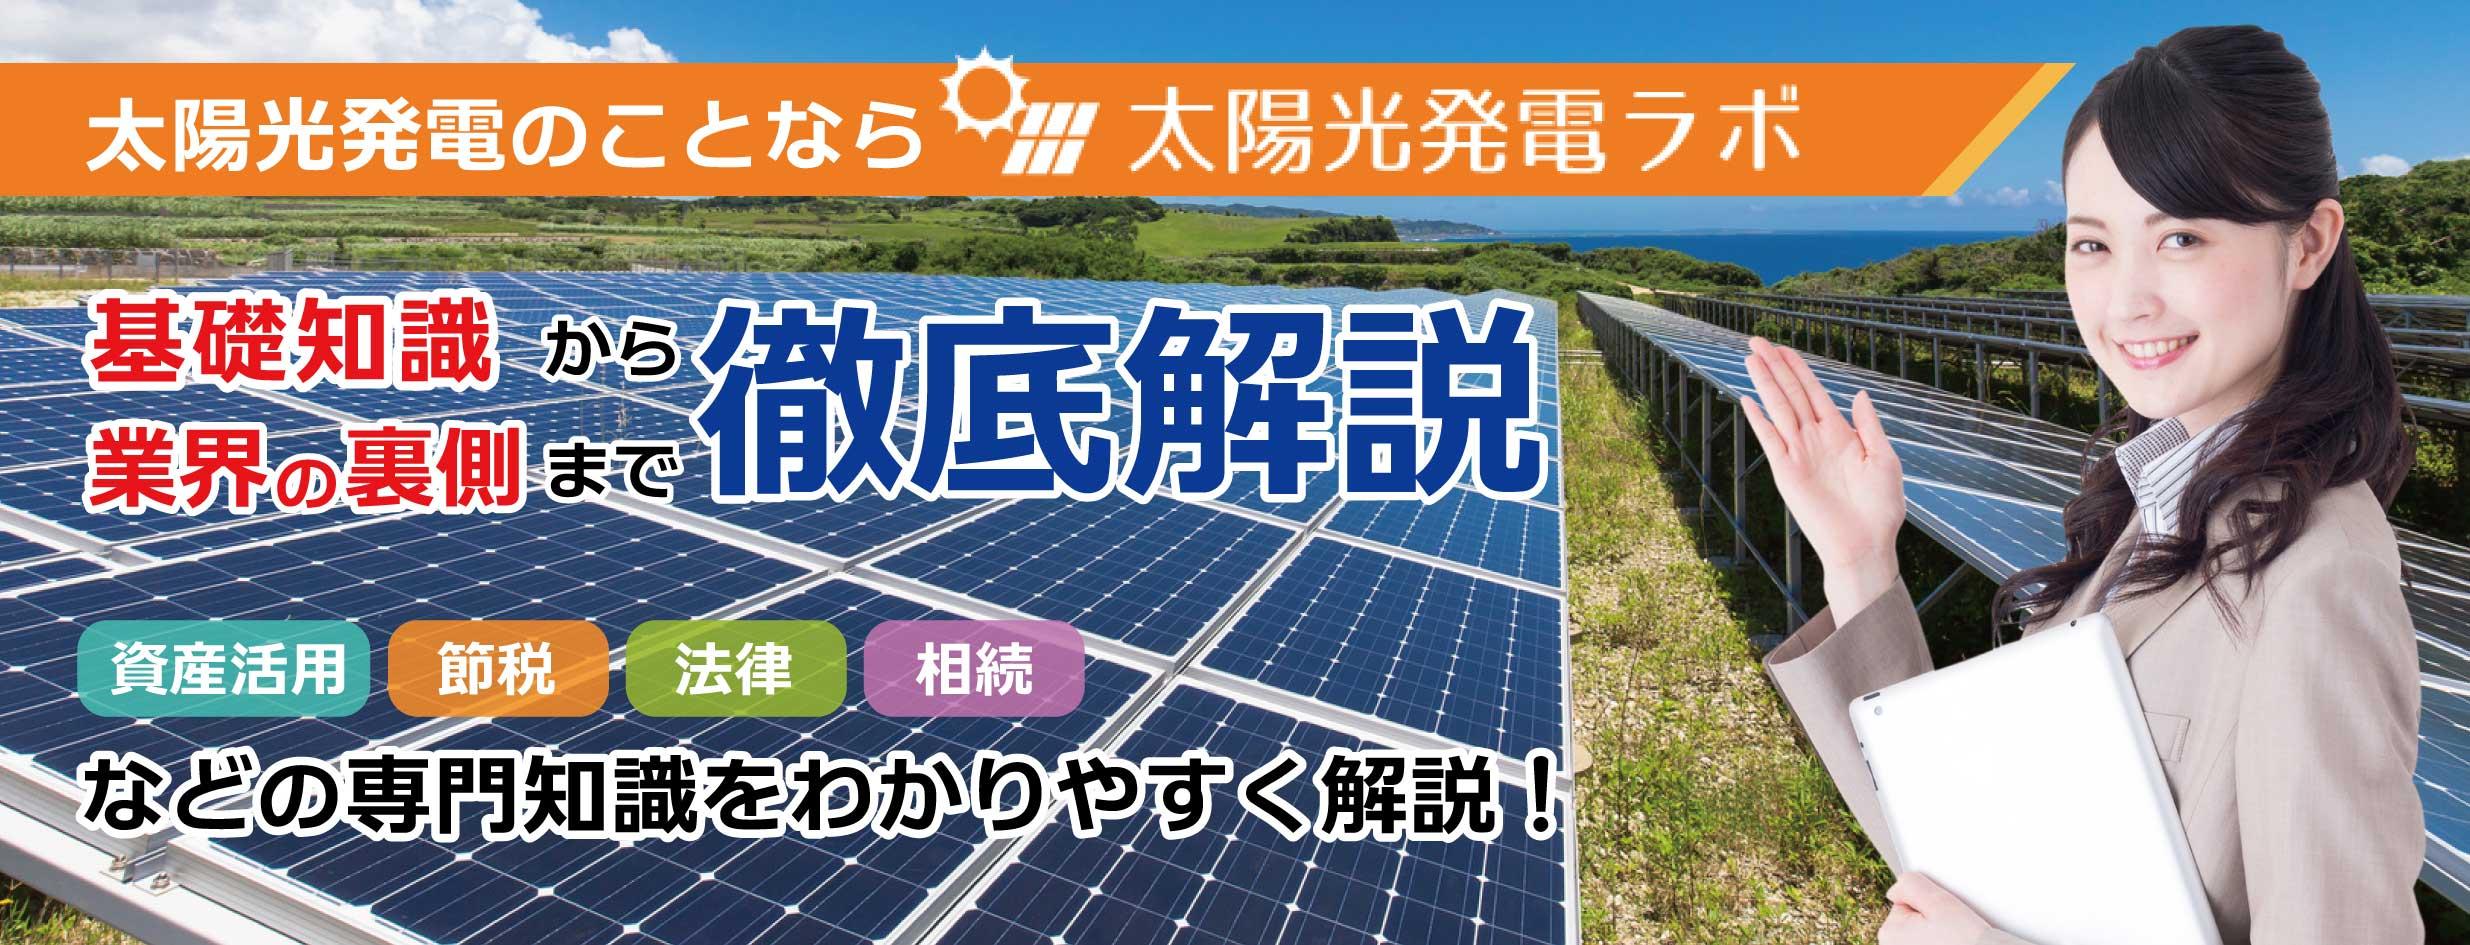 太陽光発電トップページ